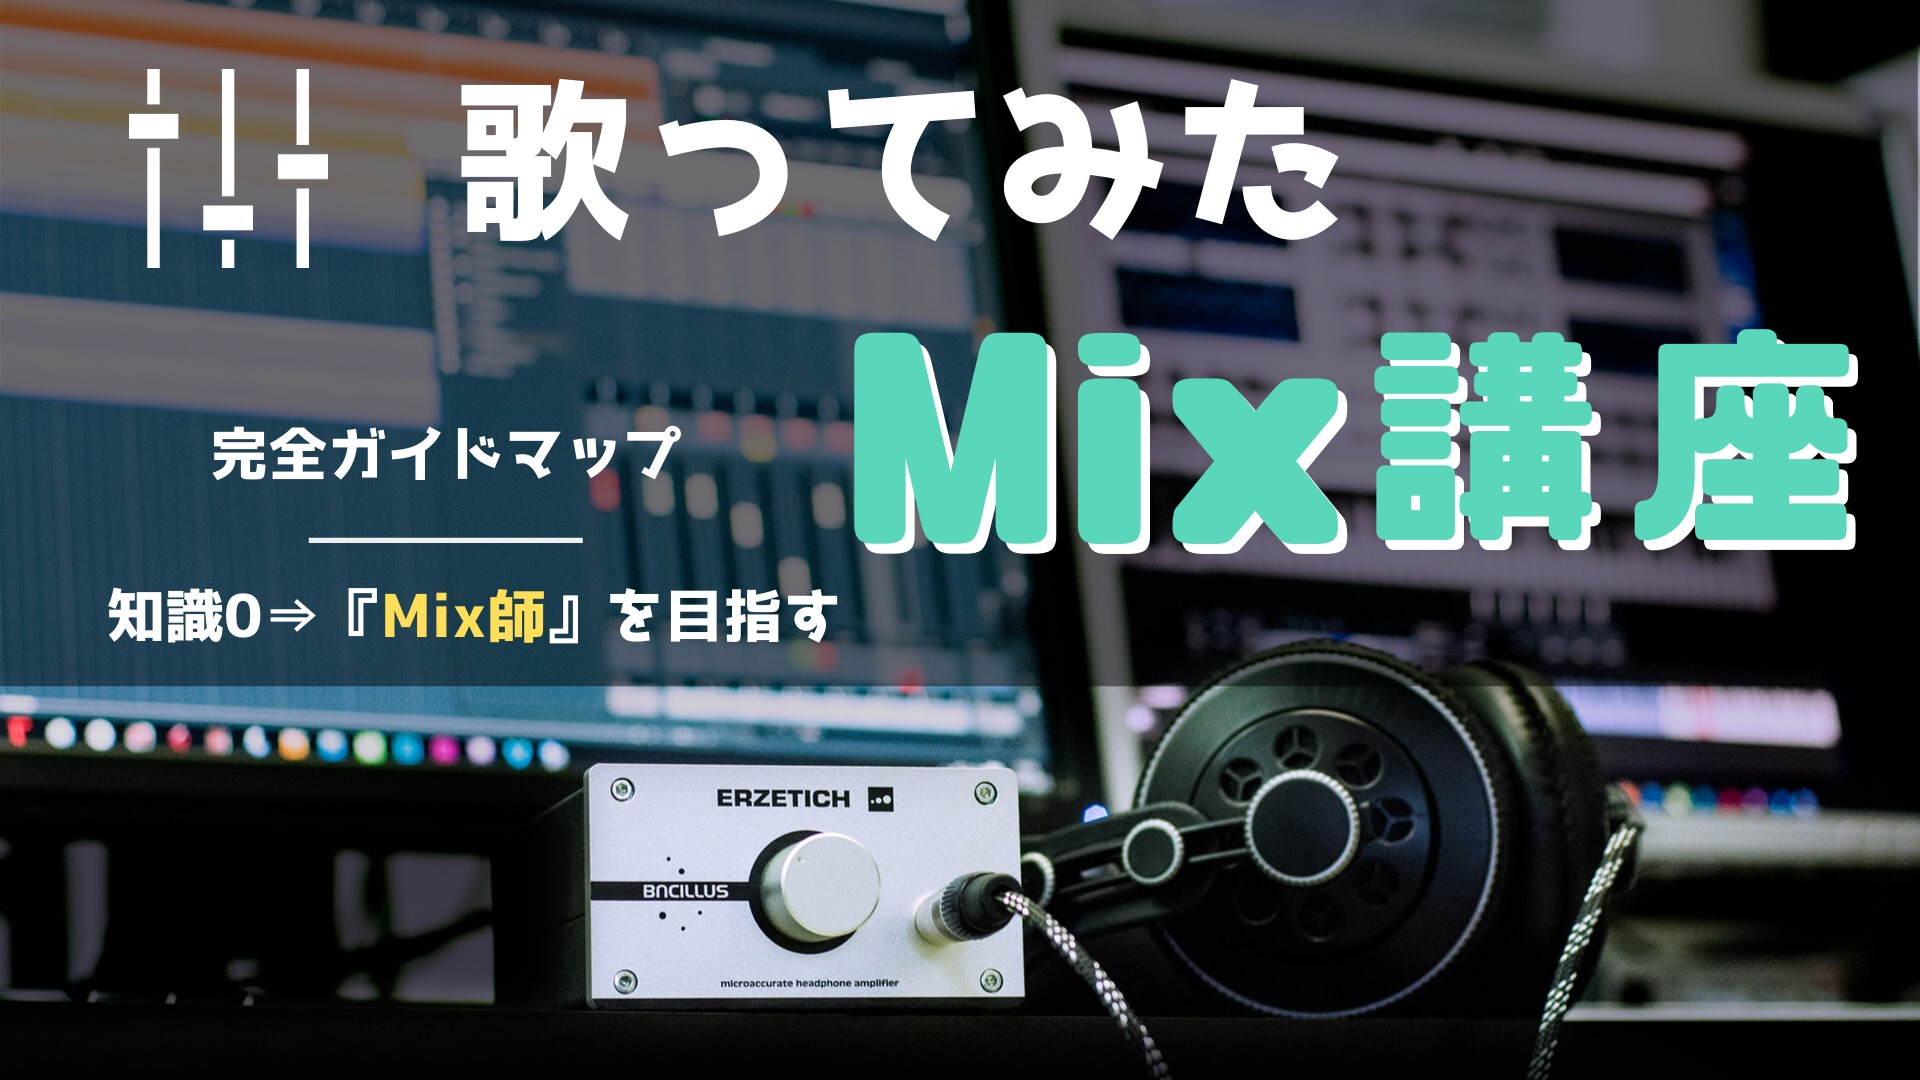 歌ってみたのMix講座 完全ガイドマップ|知識ゼロ→『Mix師』を目指す方法